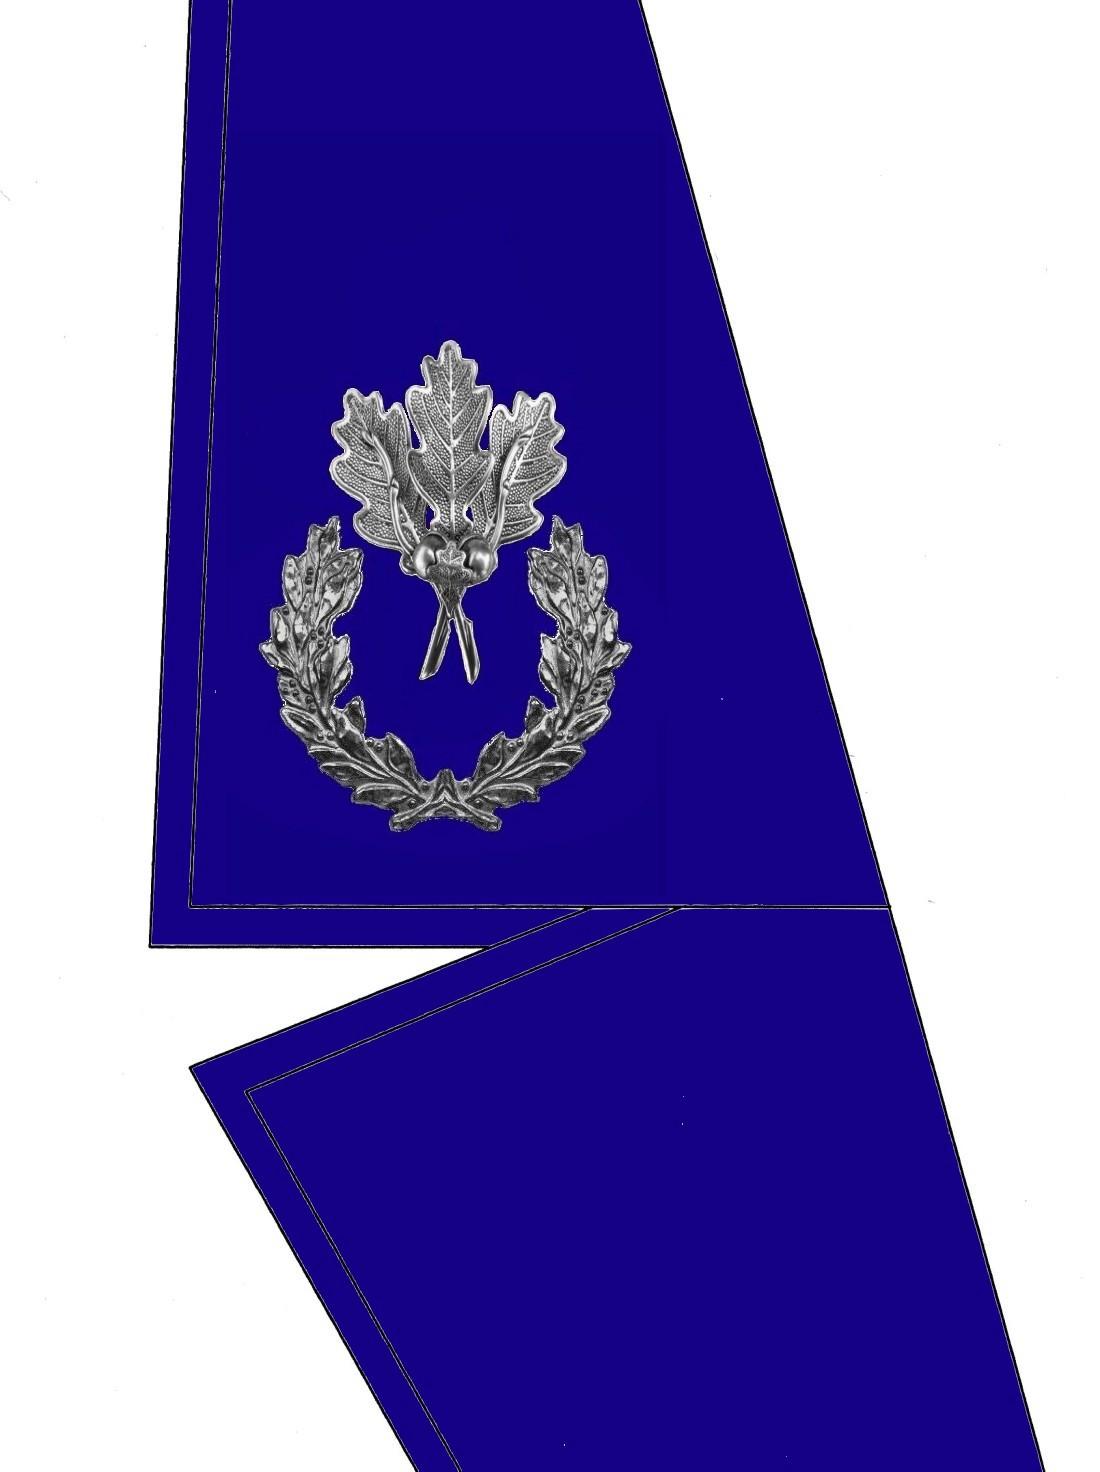 0103-kragen-rangabzeichen-sonderbeauftragter-hg-blau